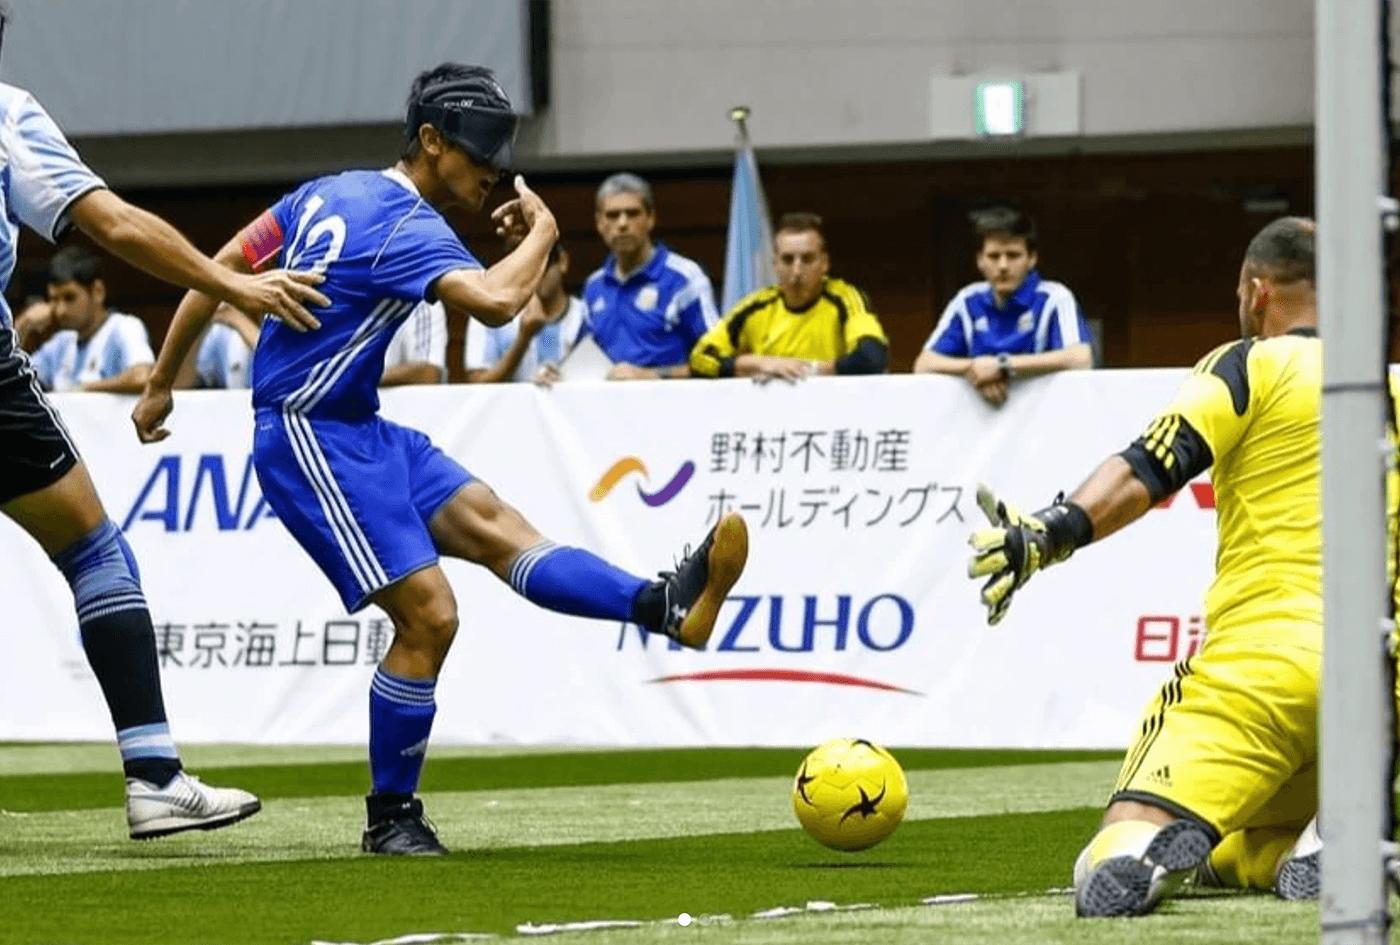 ブラインドサッカー チャレンジカップ | 東京都